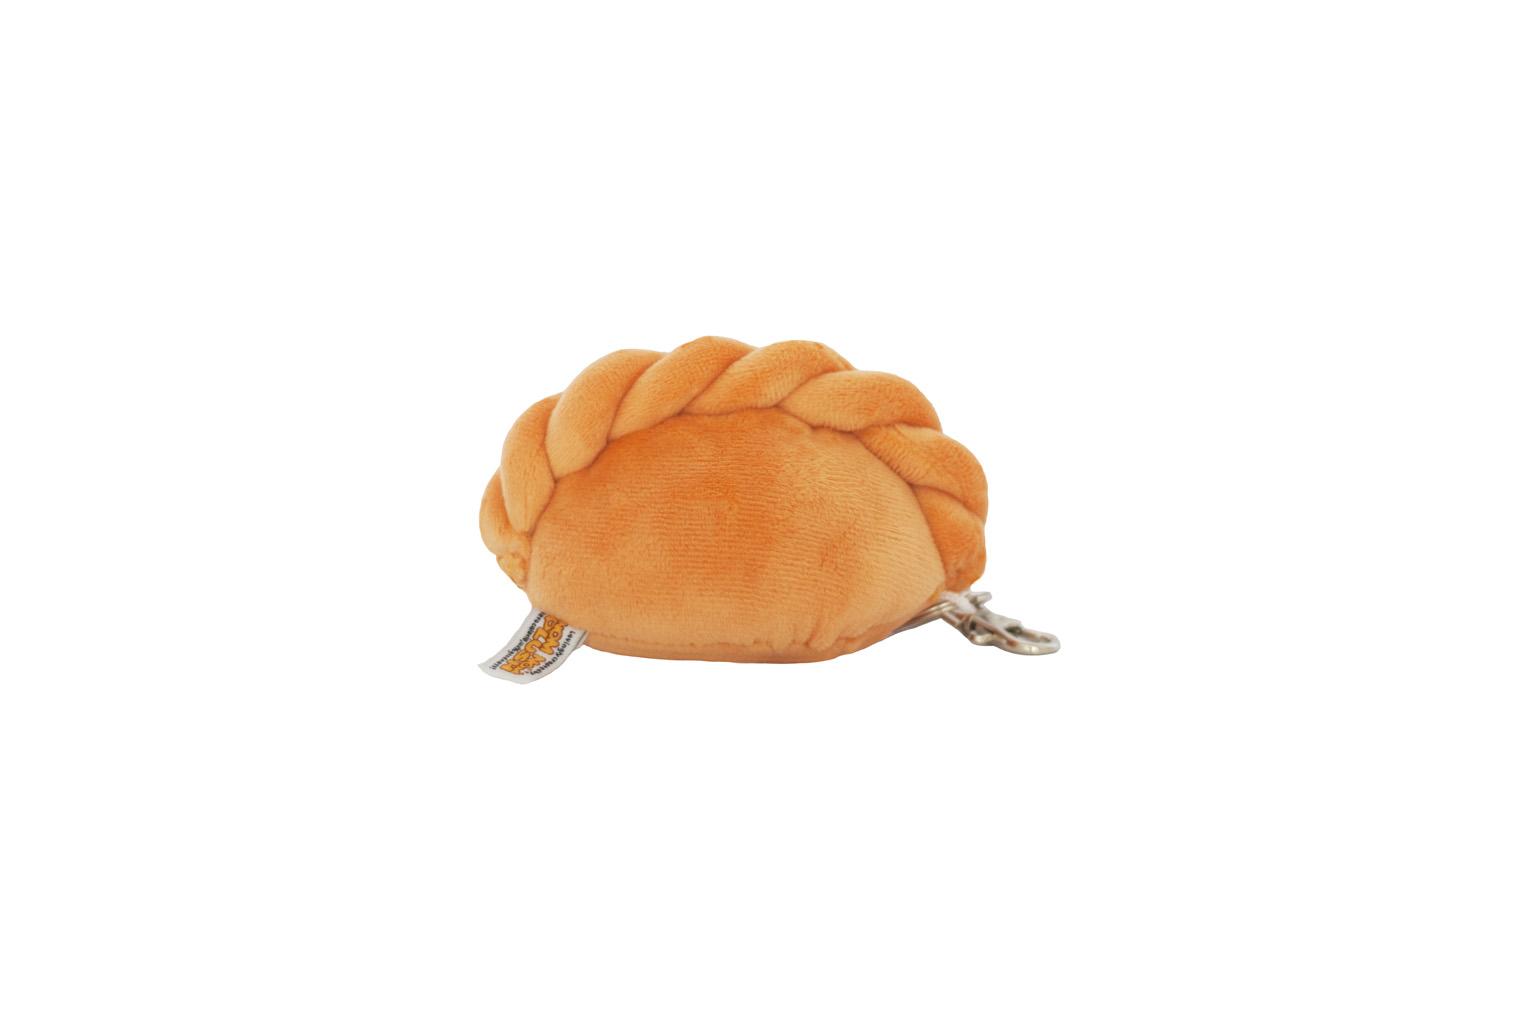 Currypuff Keychain